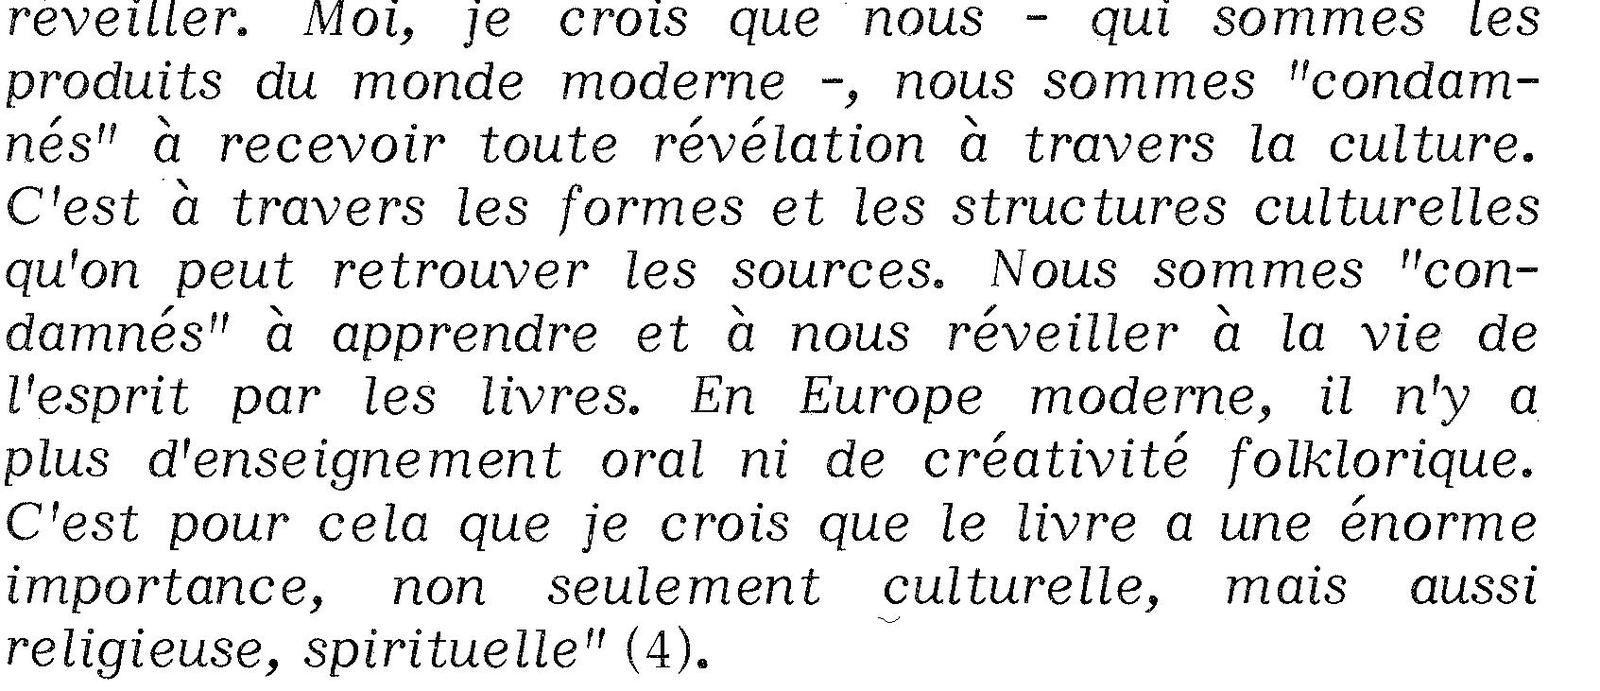 Mircea Éliade. L'épreuve du labyrinthe. Entretiens avec Claude-Henri Rocquet. Éditions du Rocher, 2006.